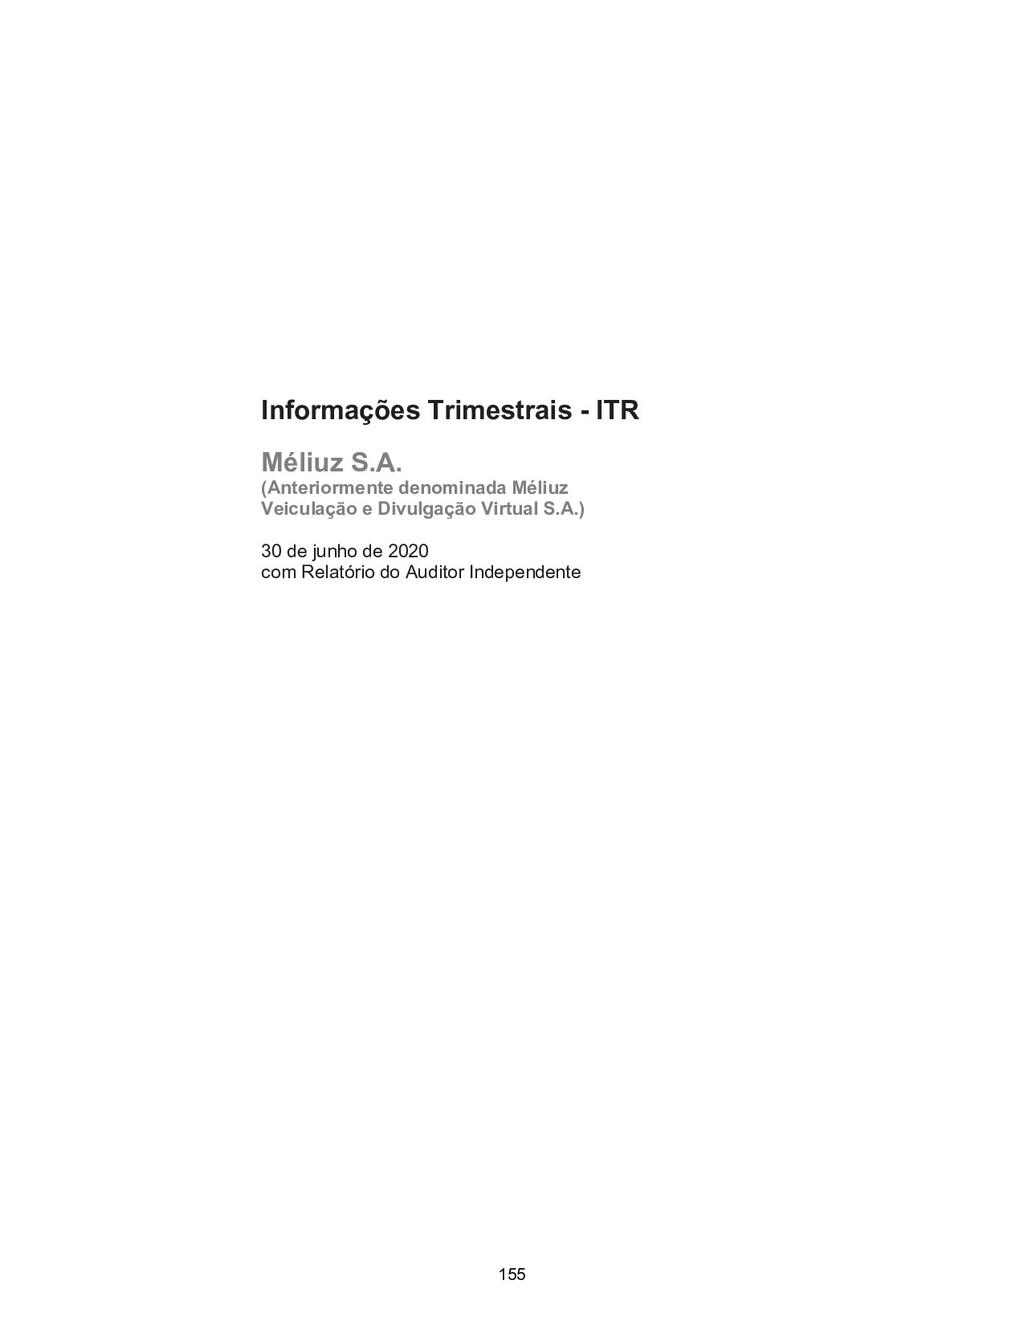 Informações Trimestrais - ITR Méliuz S.A. (Ante...